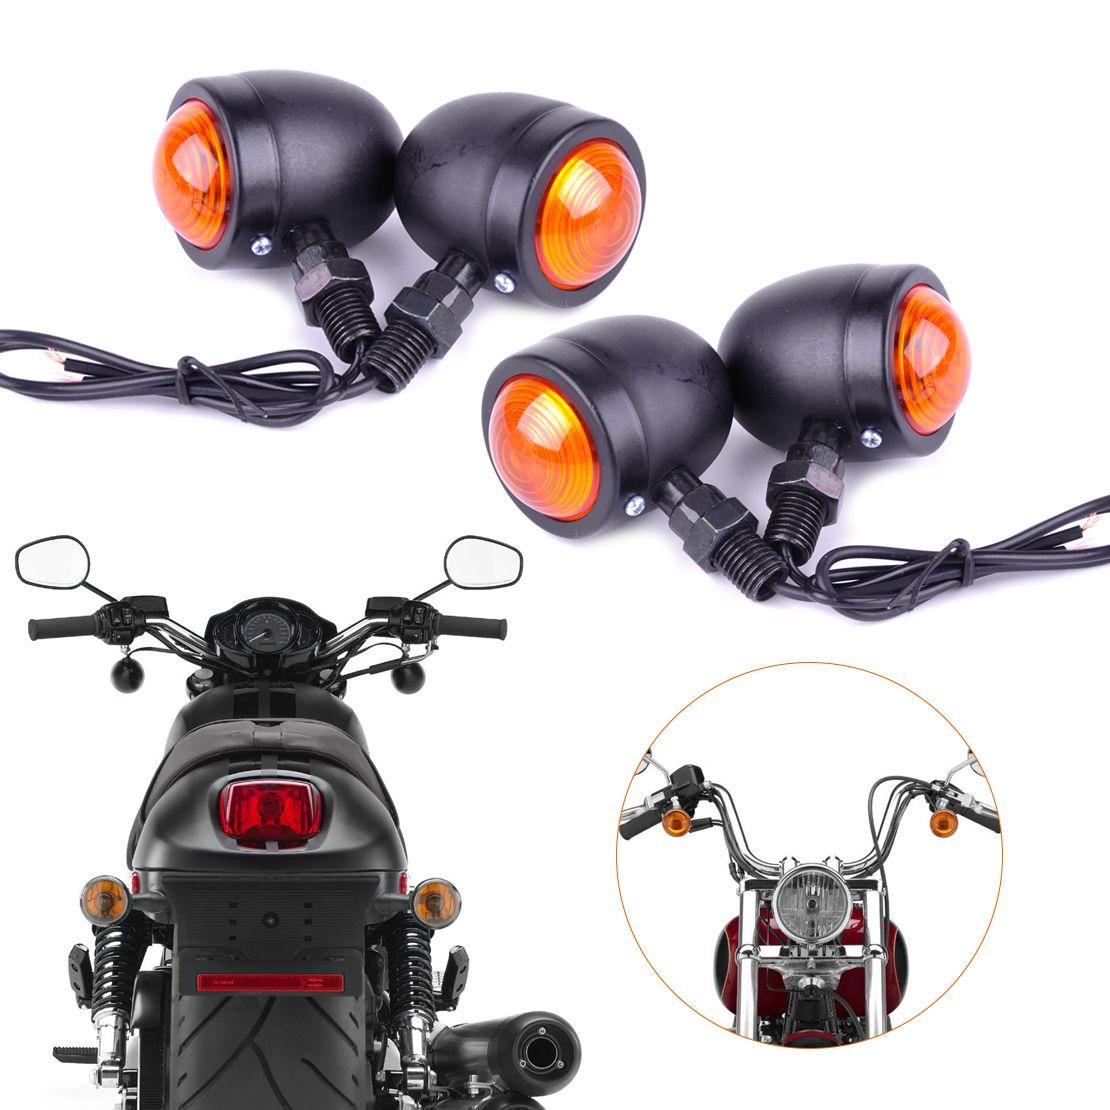 4x Motorcycle Bullet Turn Signal Lights For Harley Cafe Racer Bobber Chopper